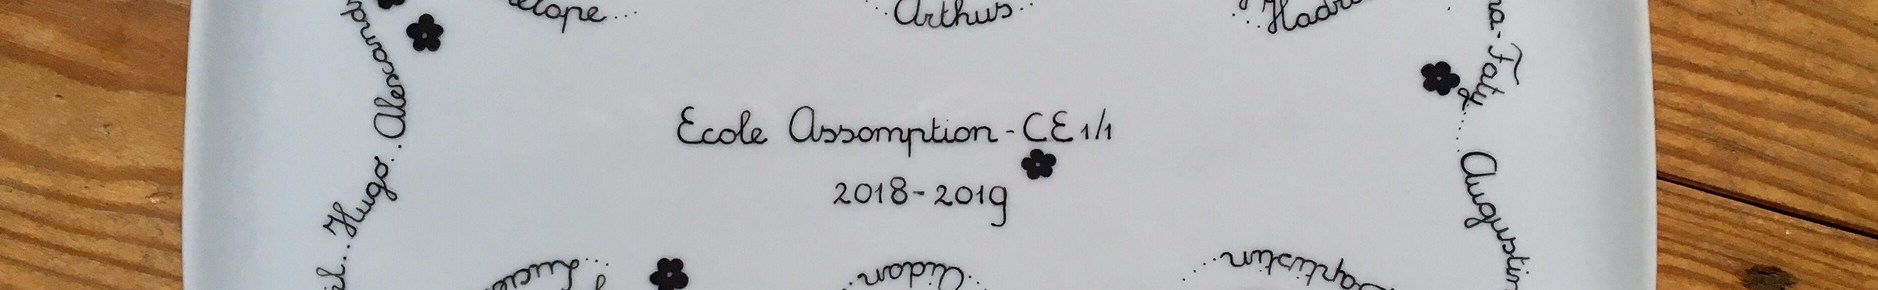 Plat pour la maitresse cadeau de fin d'année avec les prénoms des enfants de la classe (pas de dessins)